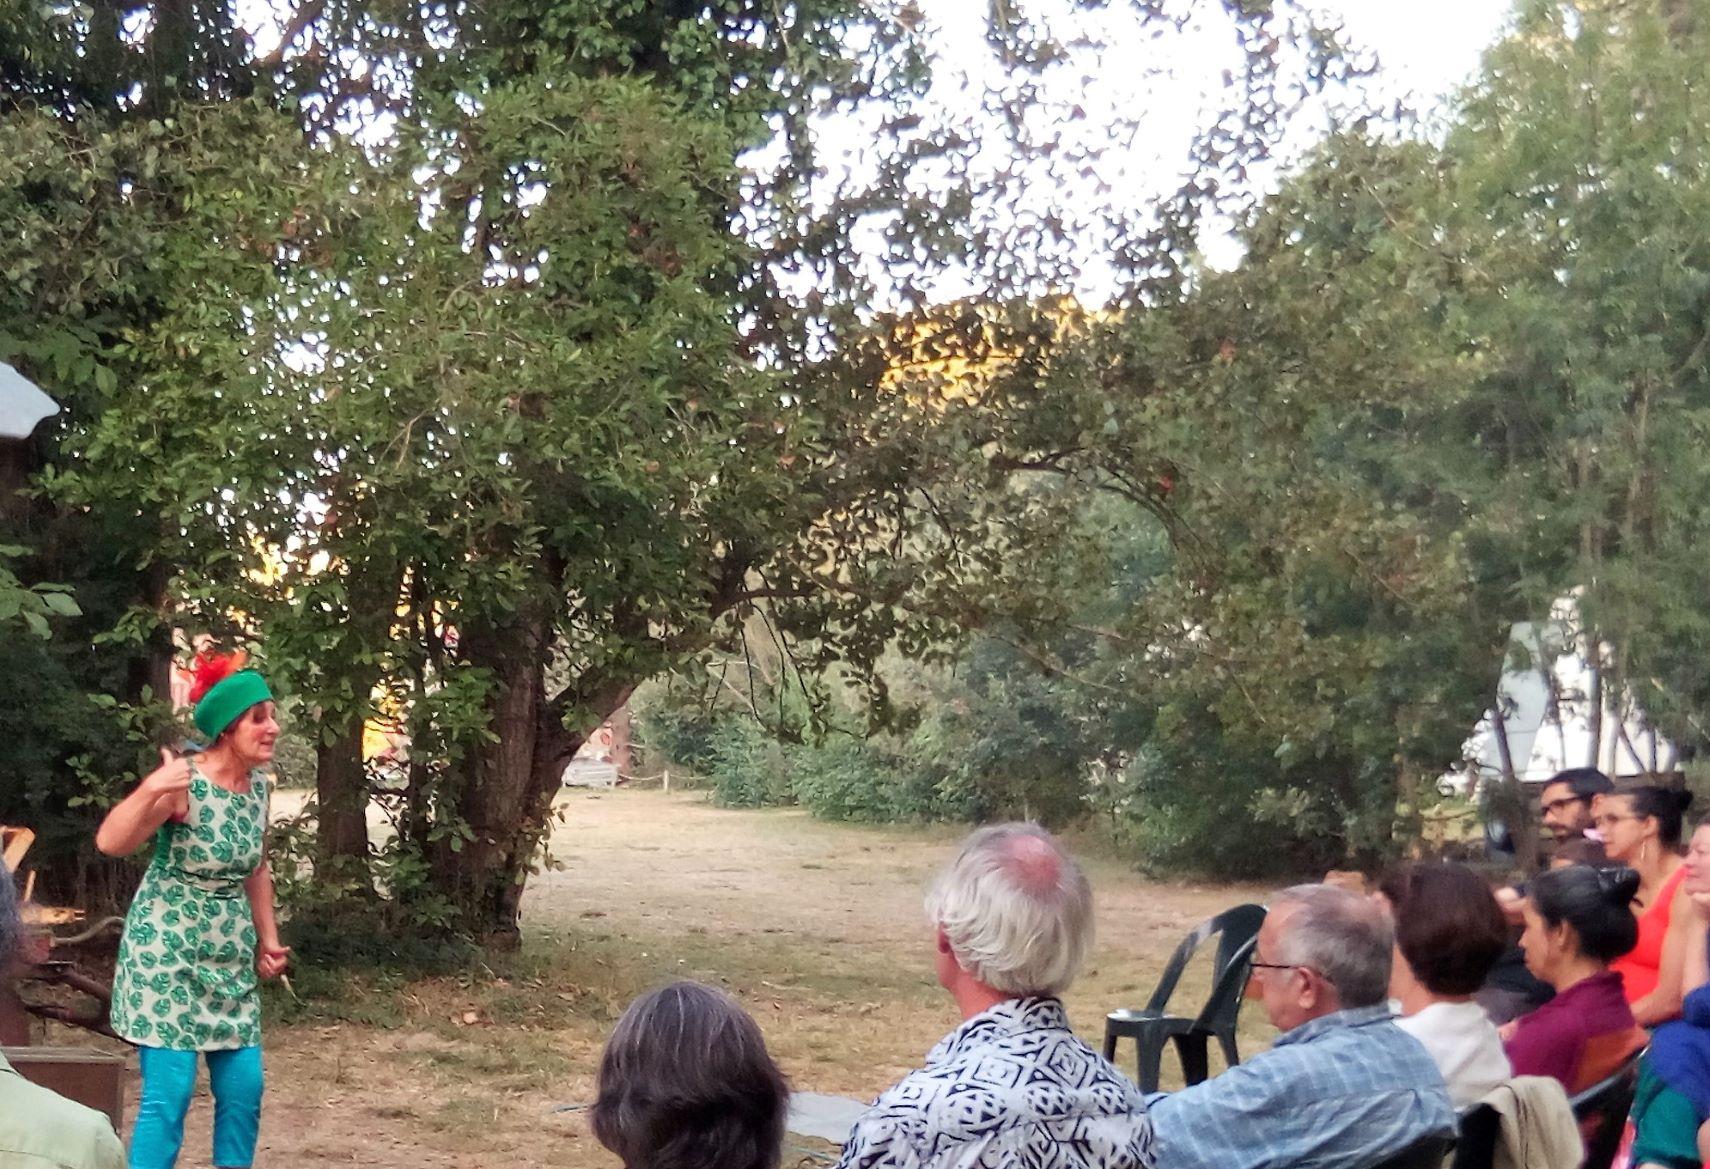 vernet d'ariège; l'homme qui plantait des arbres. roulott'spectacles. théâtre de la terre